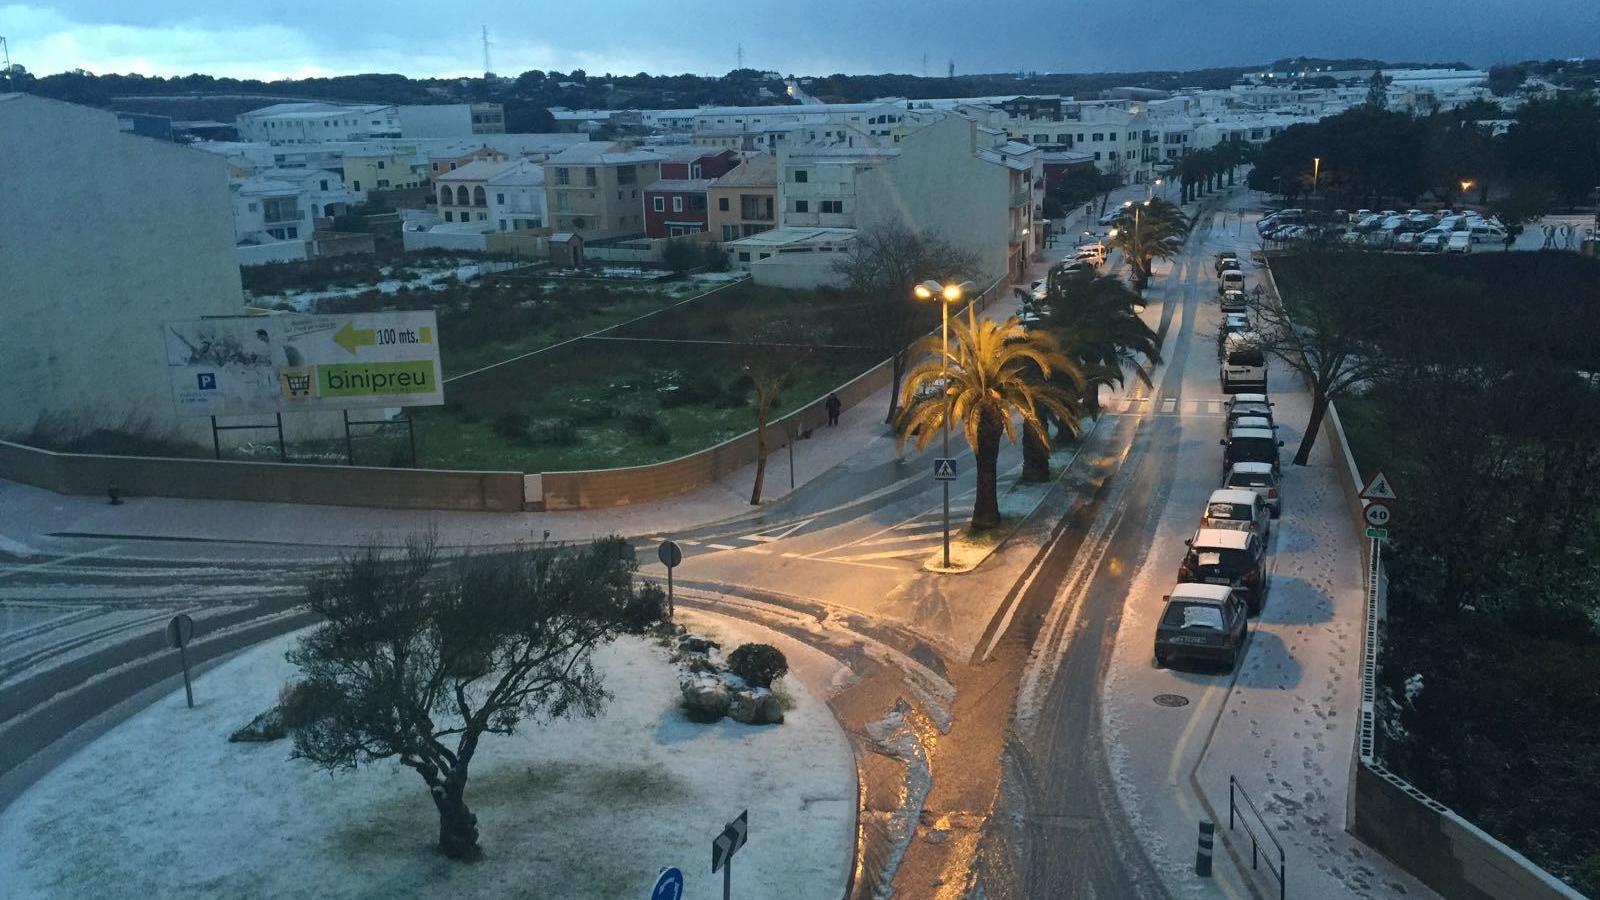 Alaior és el poble on més ha quallat la nevada d'aquesta matinada a Menorca.